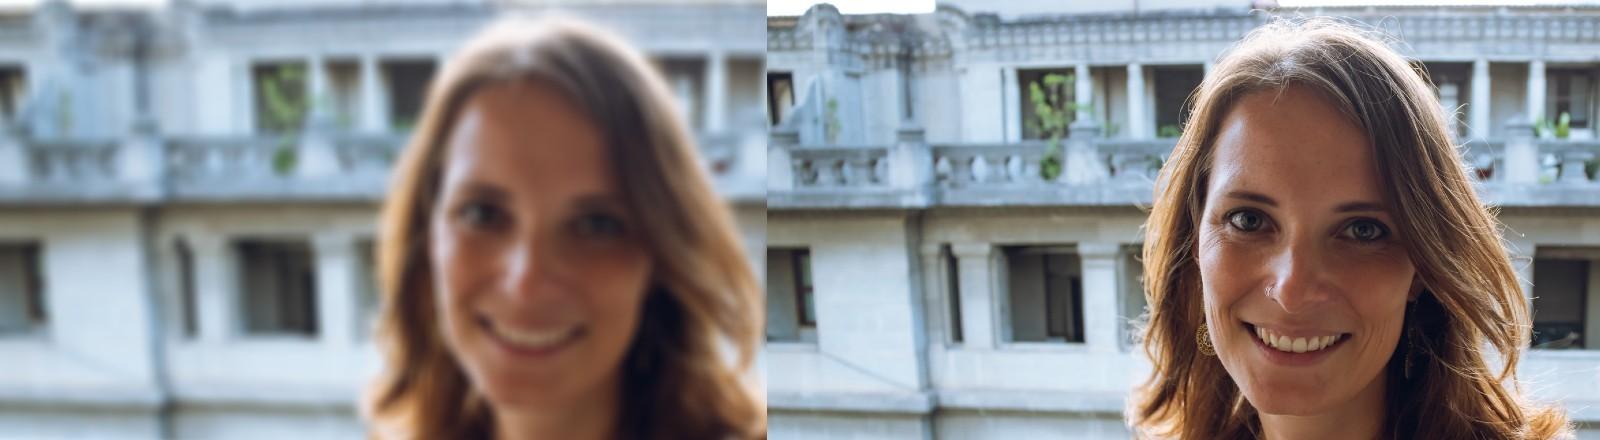 Carolin Müller, Onlinepsychologin und Buddhistische Therapeutin